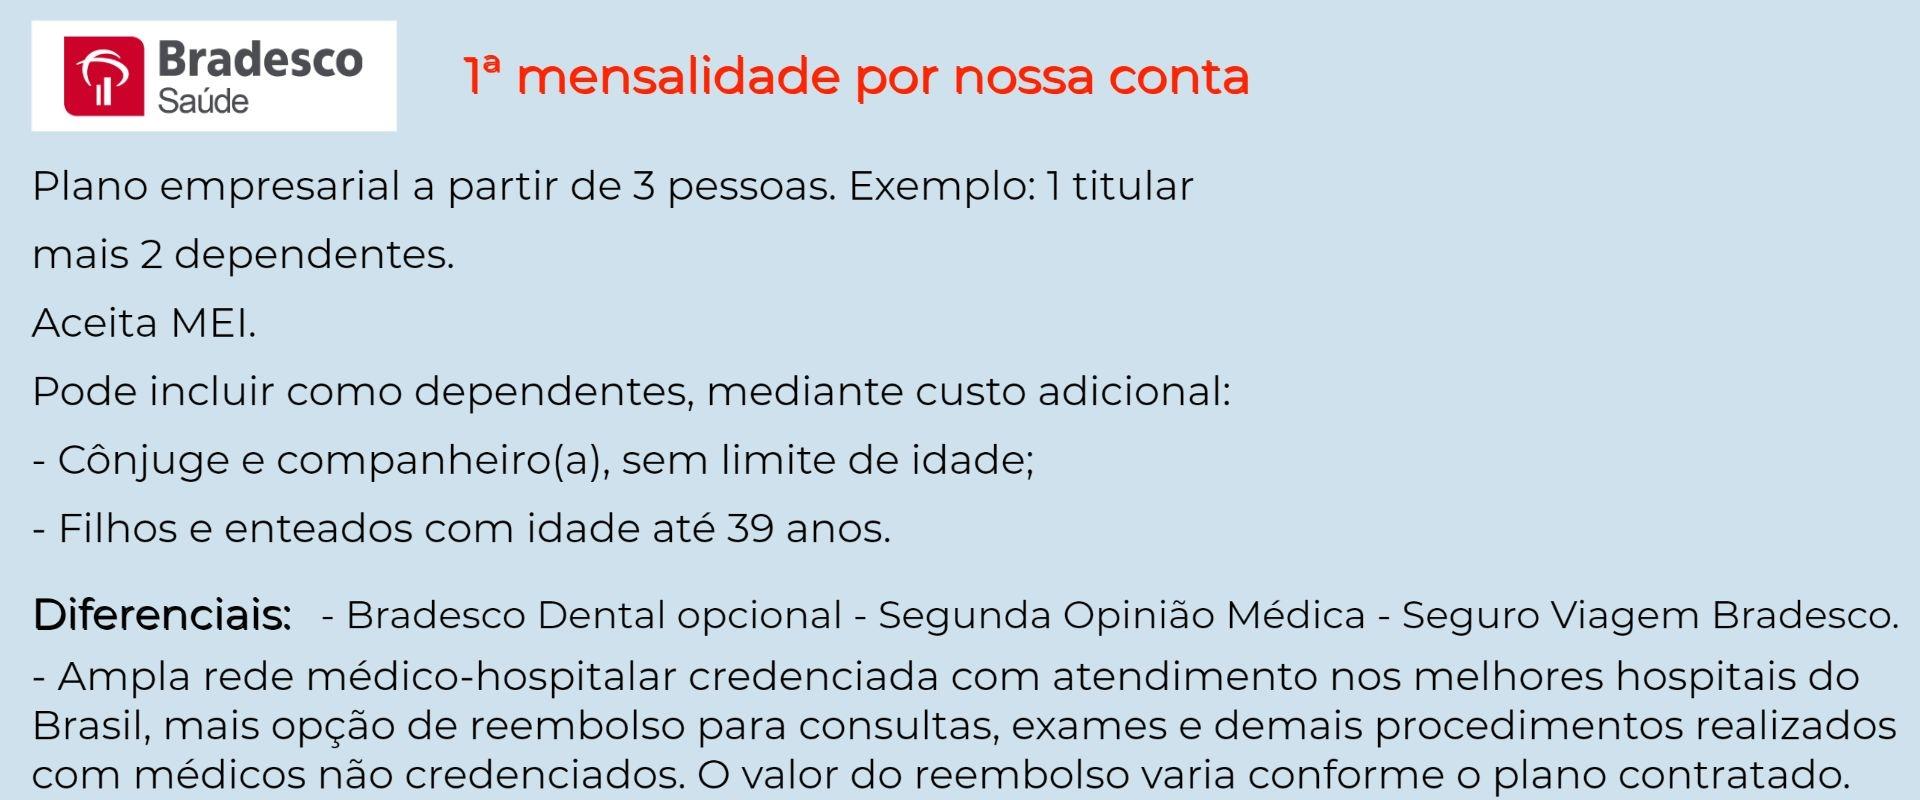 Bradesco Saúde Empresarial - Araruama